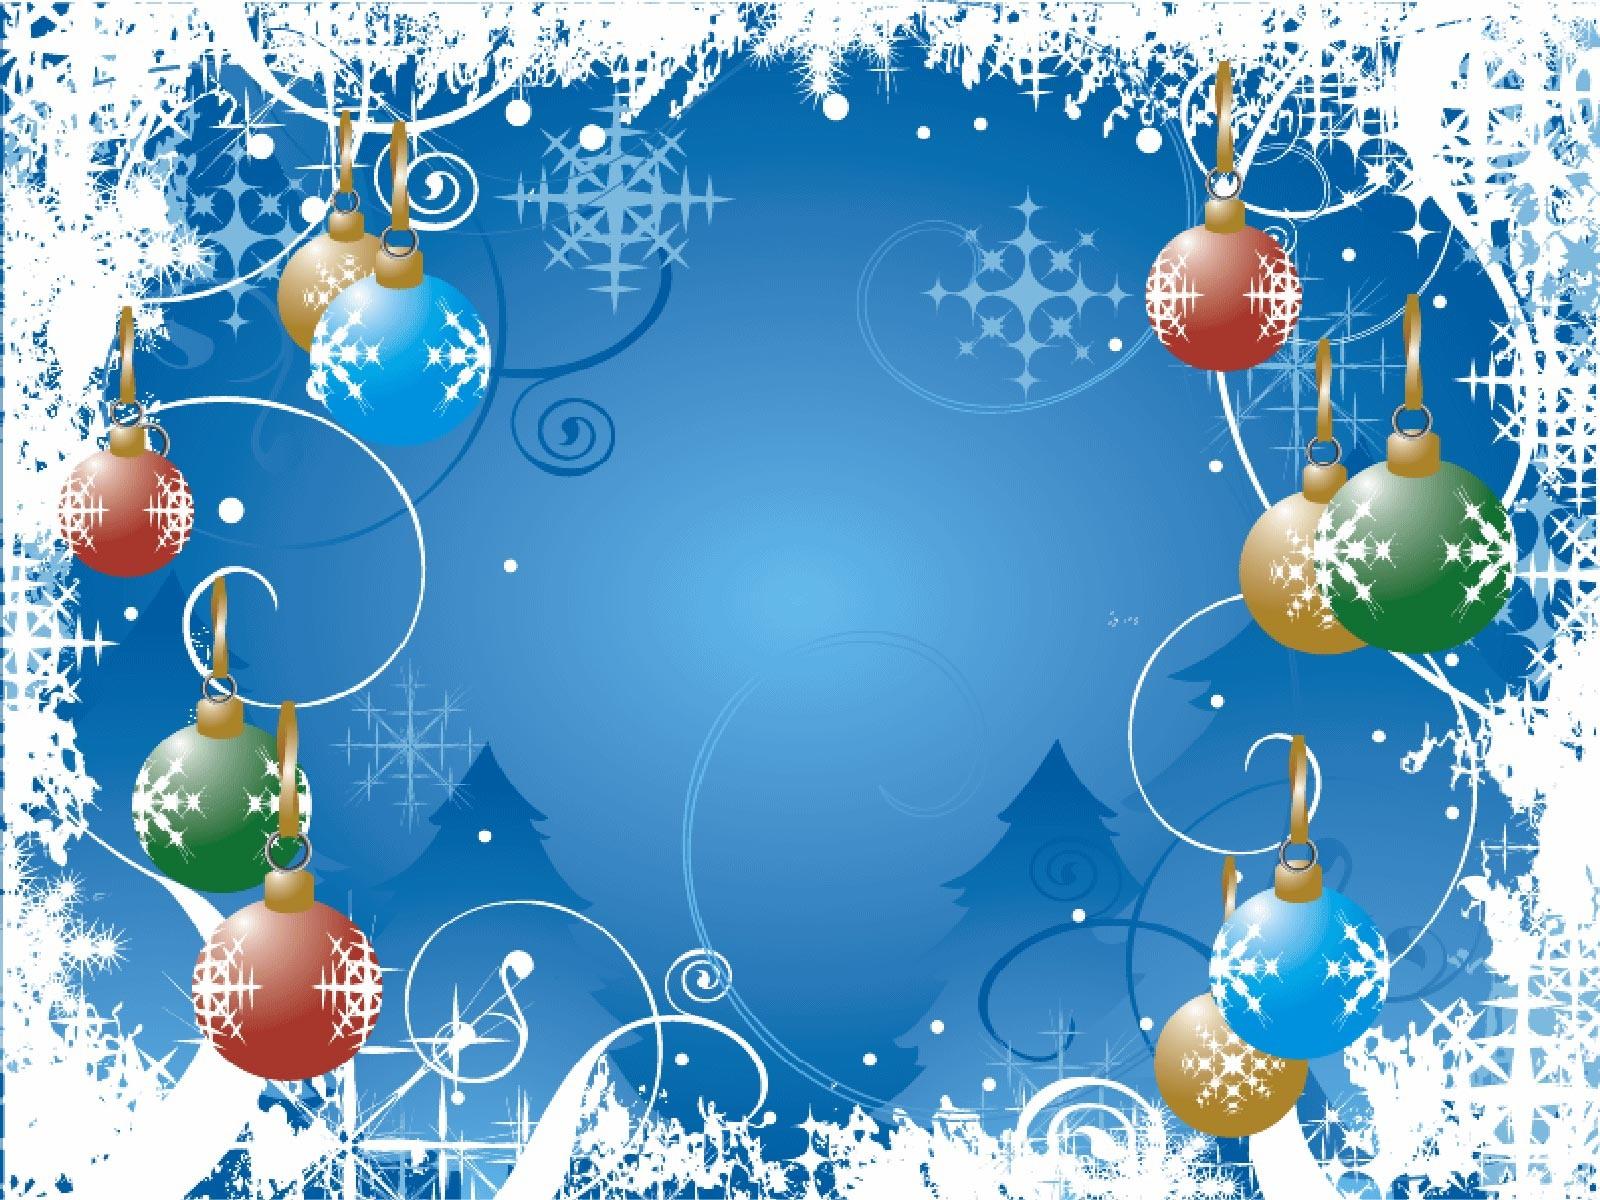 Winter Holiday desktop wallpaper